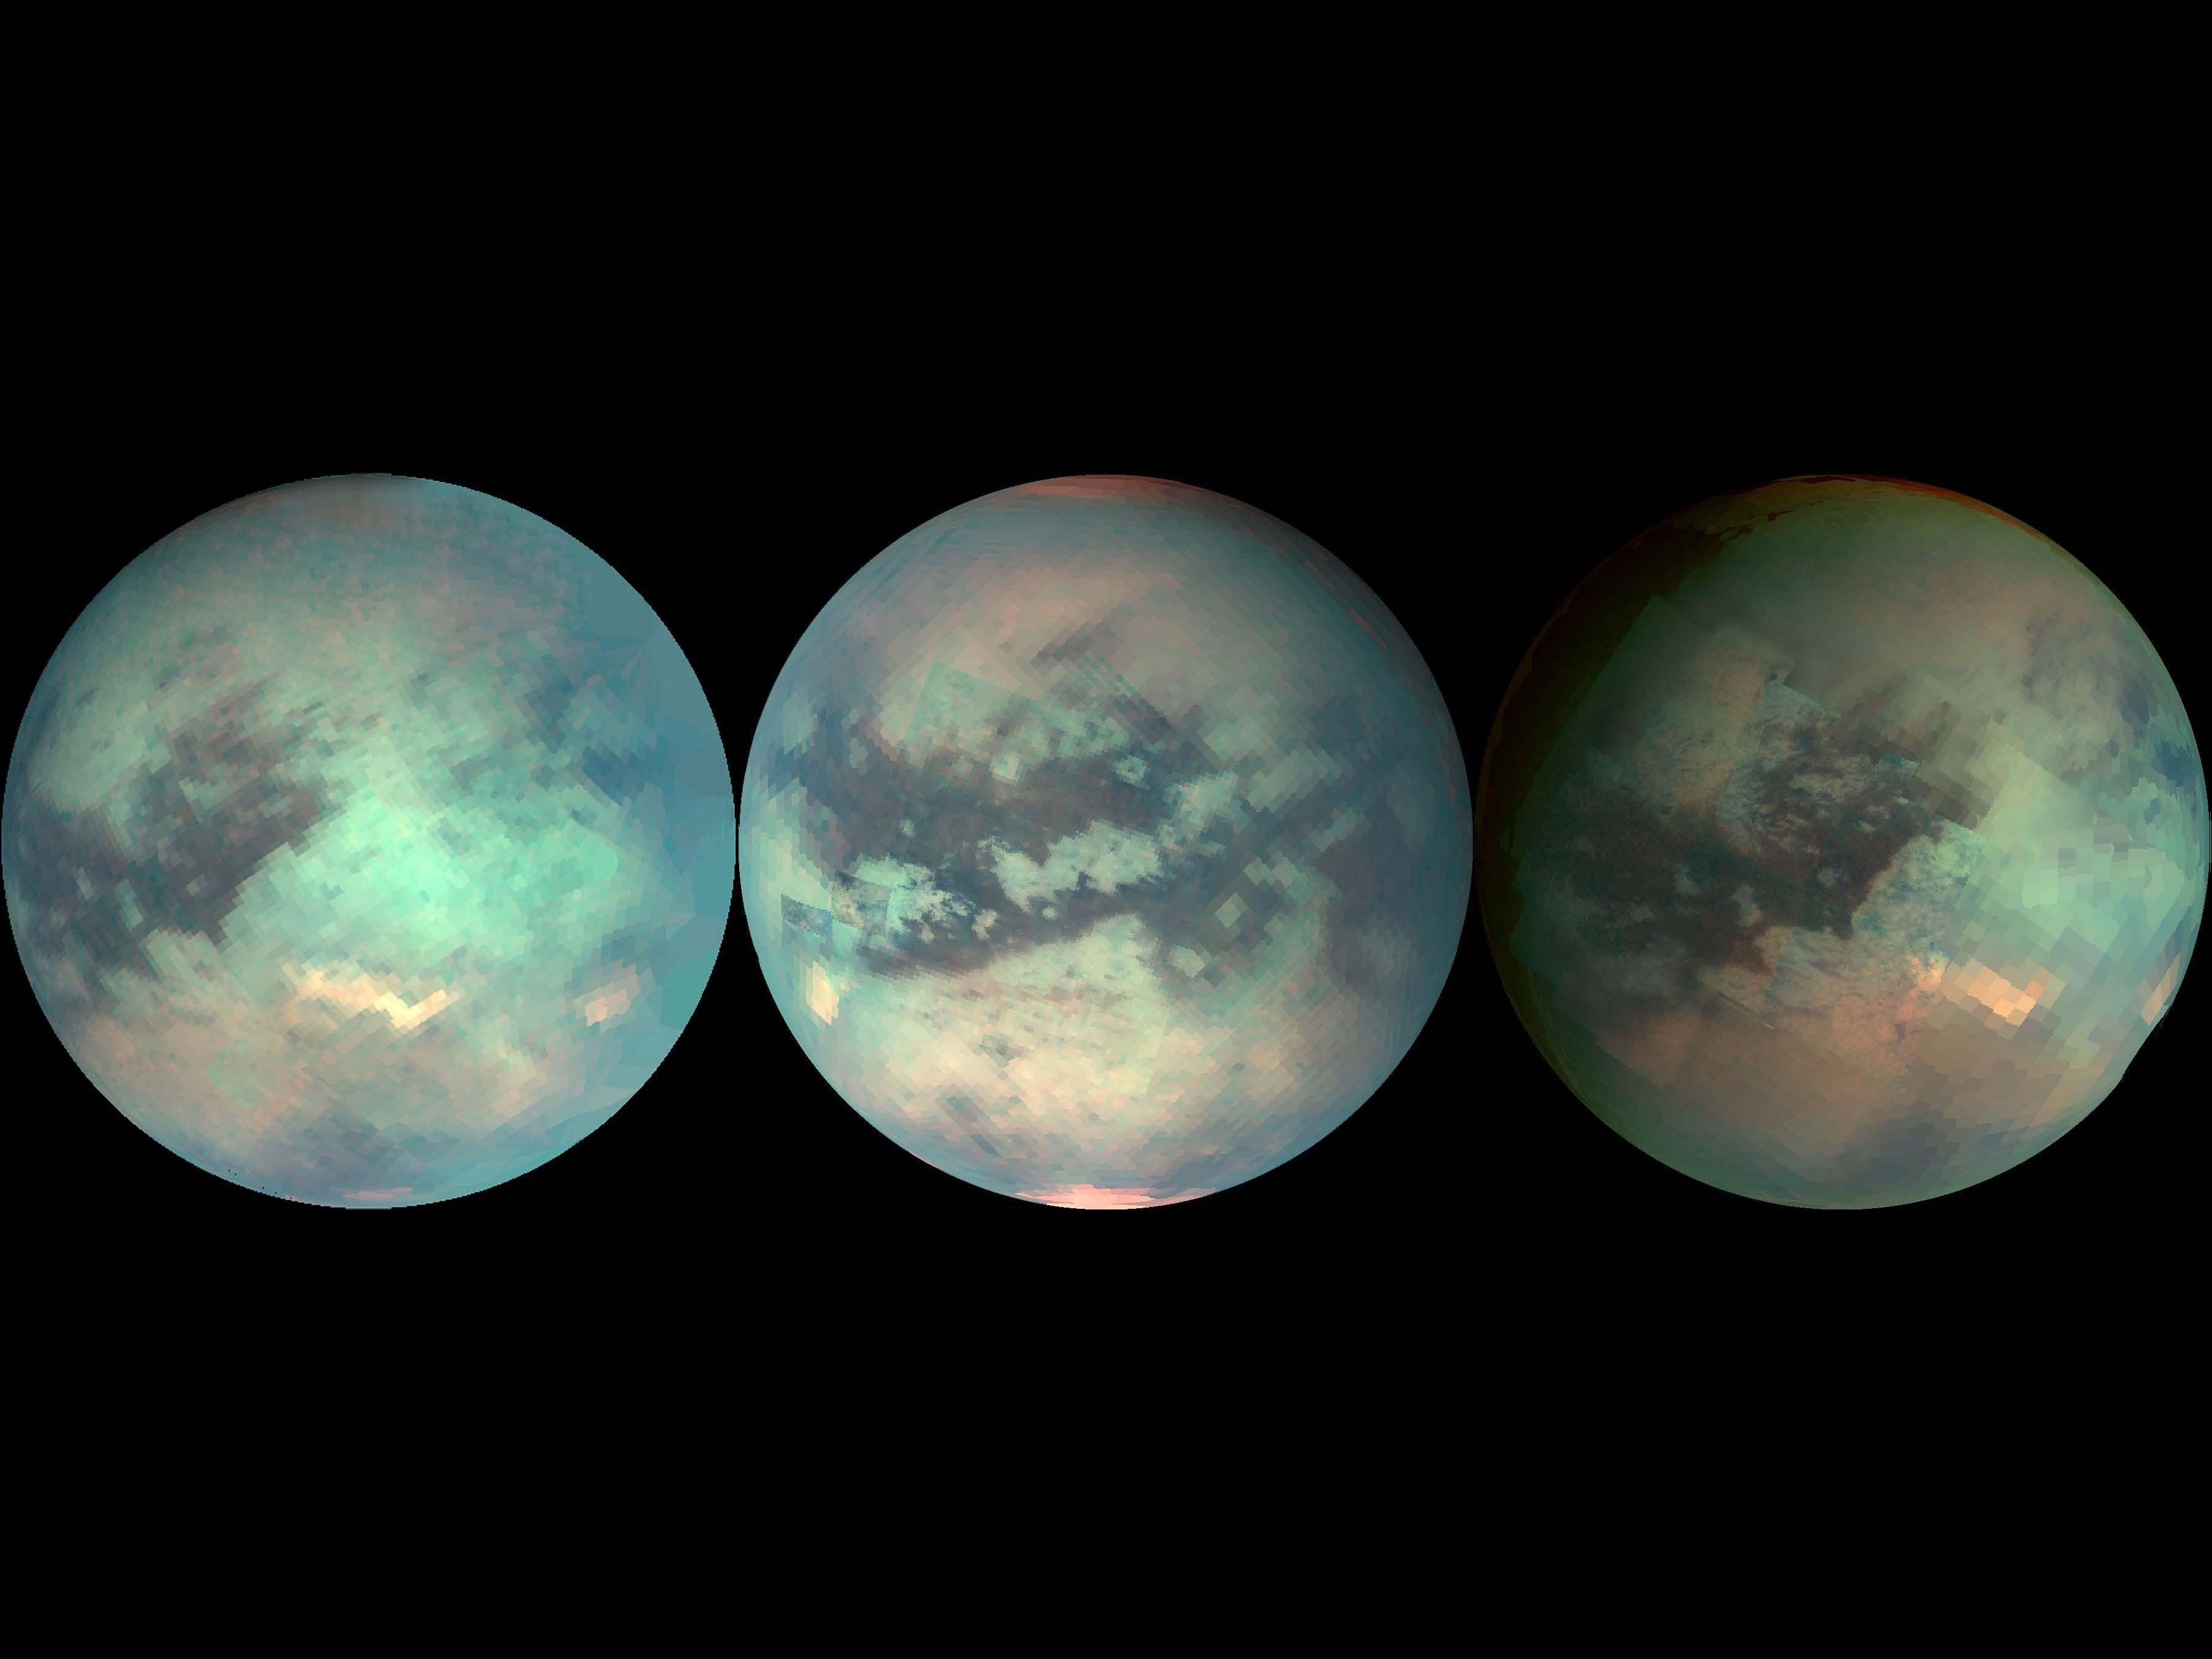 Titan Satürnün uydusu